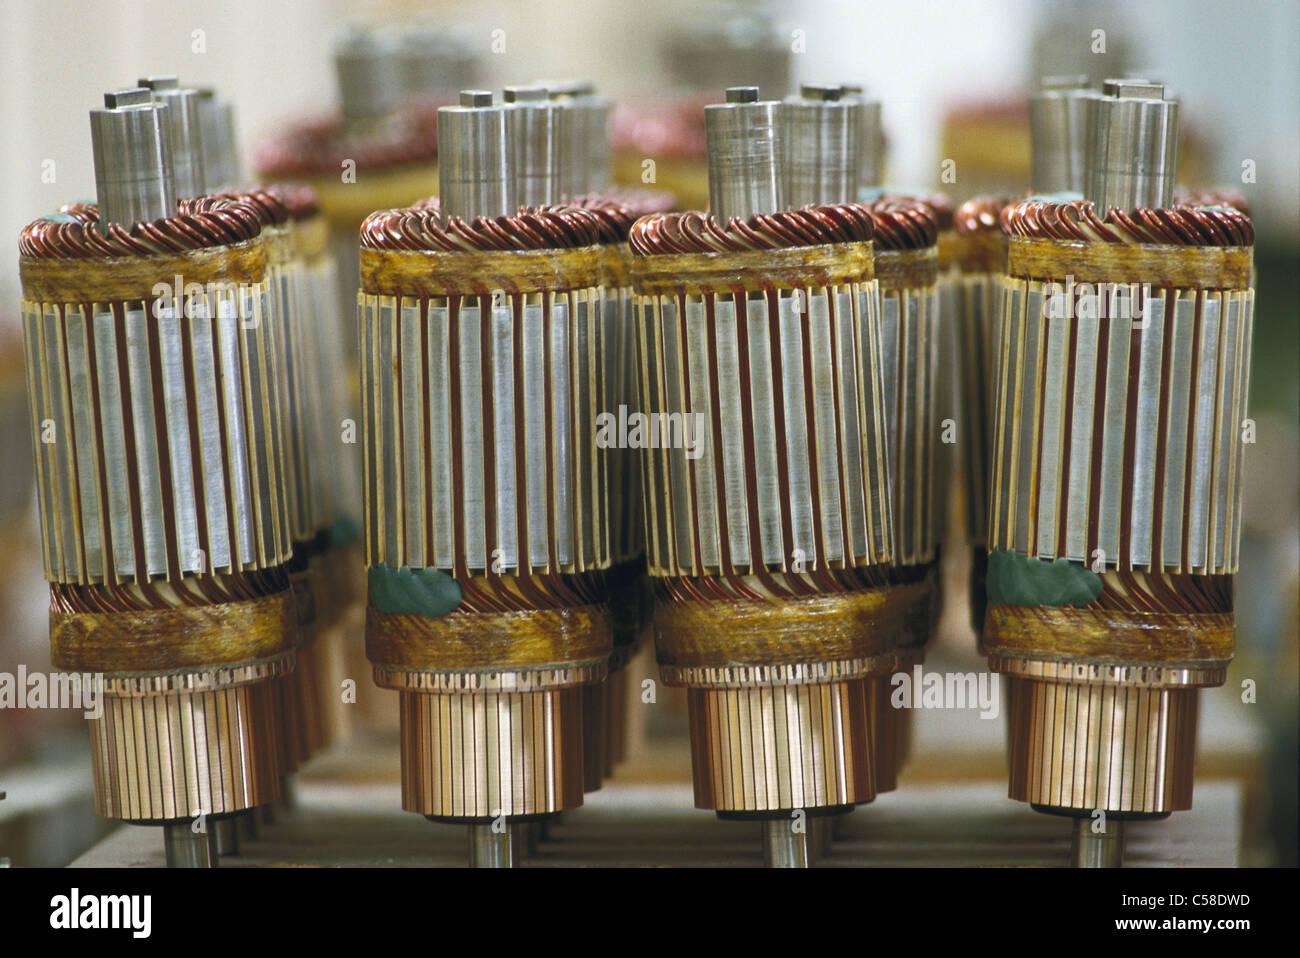 Montage, Montage, Kupfer, Wirtschaft, Elektronik, Elektrotechnik, Elektromotor, Elektromotor, Motor, Technik, eu Stockbild